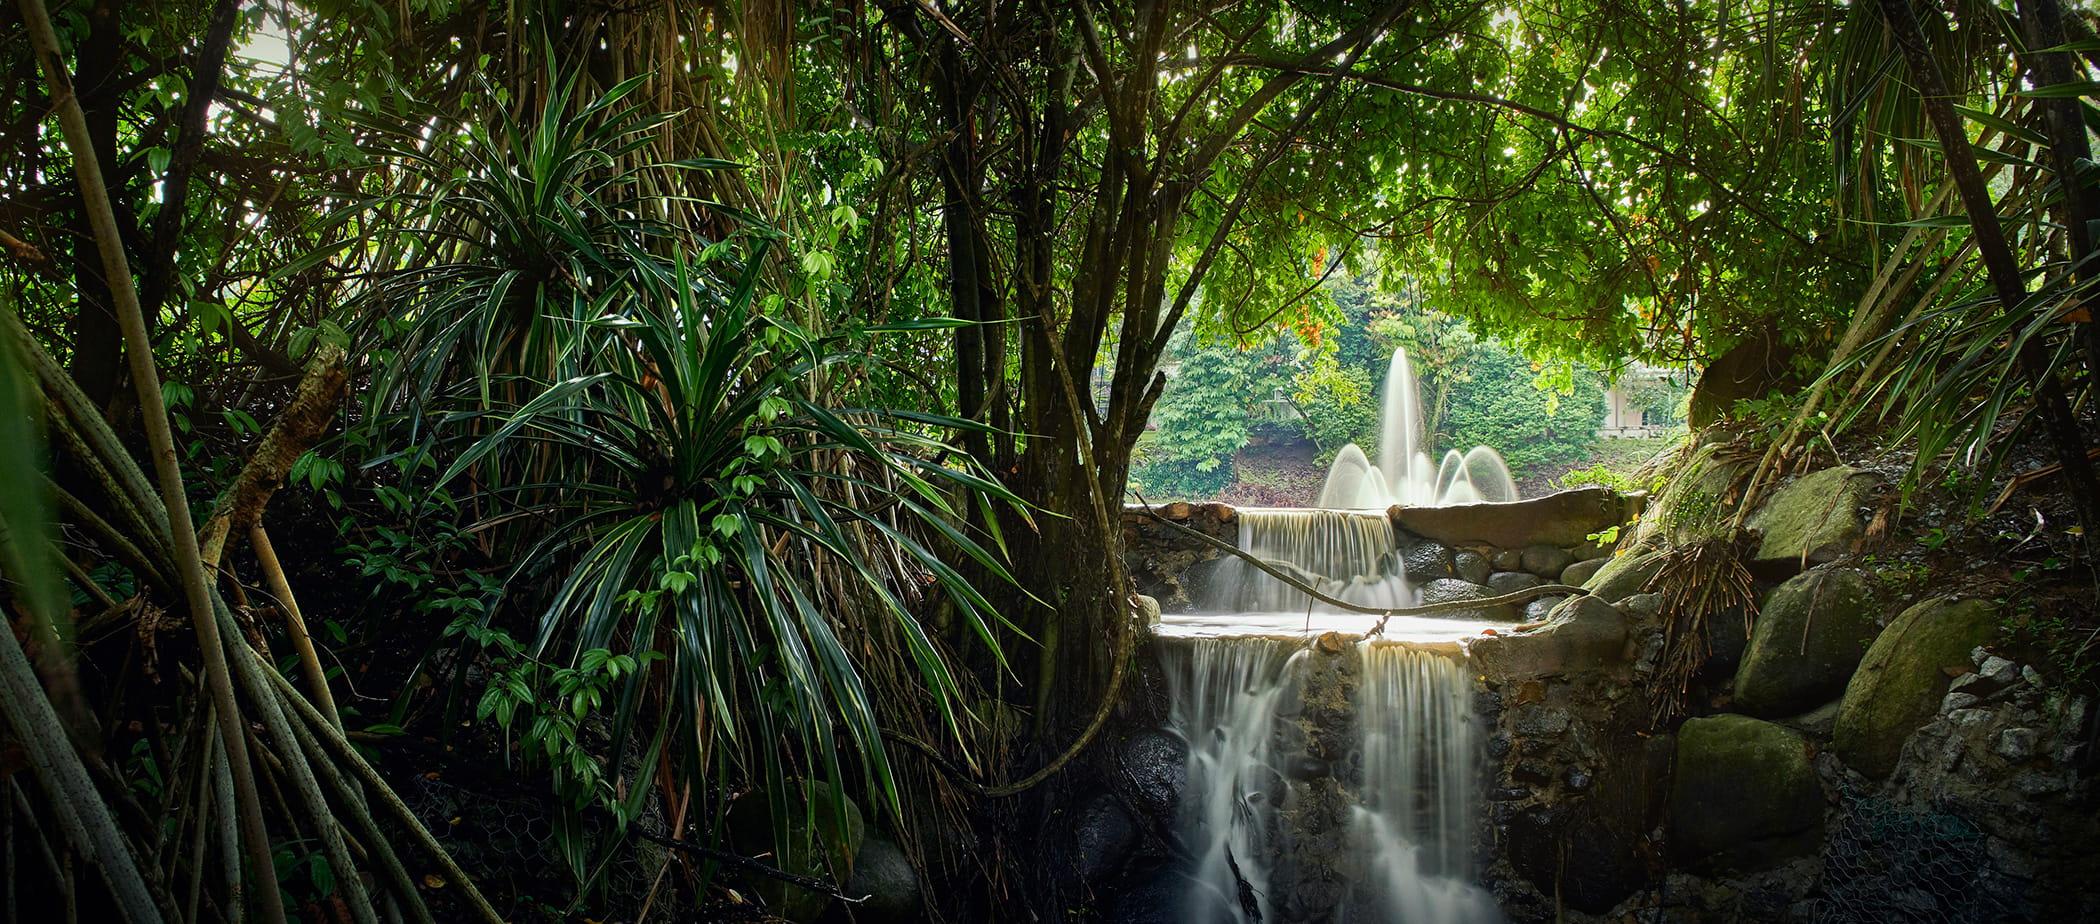 GAMUDA PARKS PROMOTES SUSTAINABILITY & ECOLOGICAL BALANCE